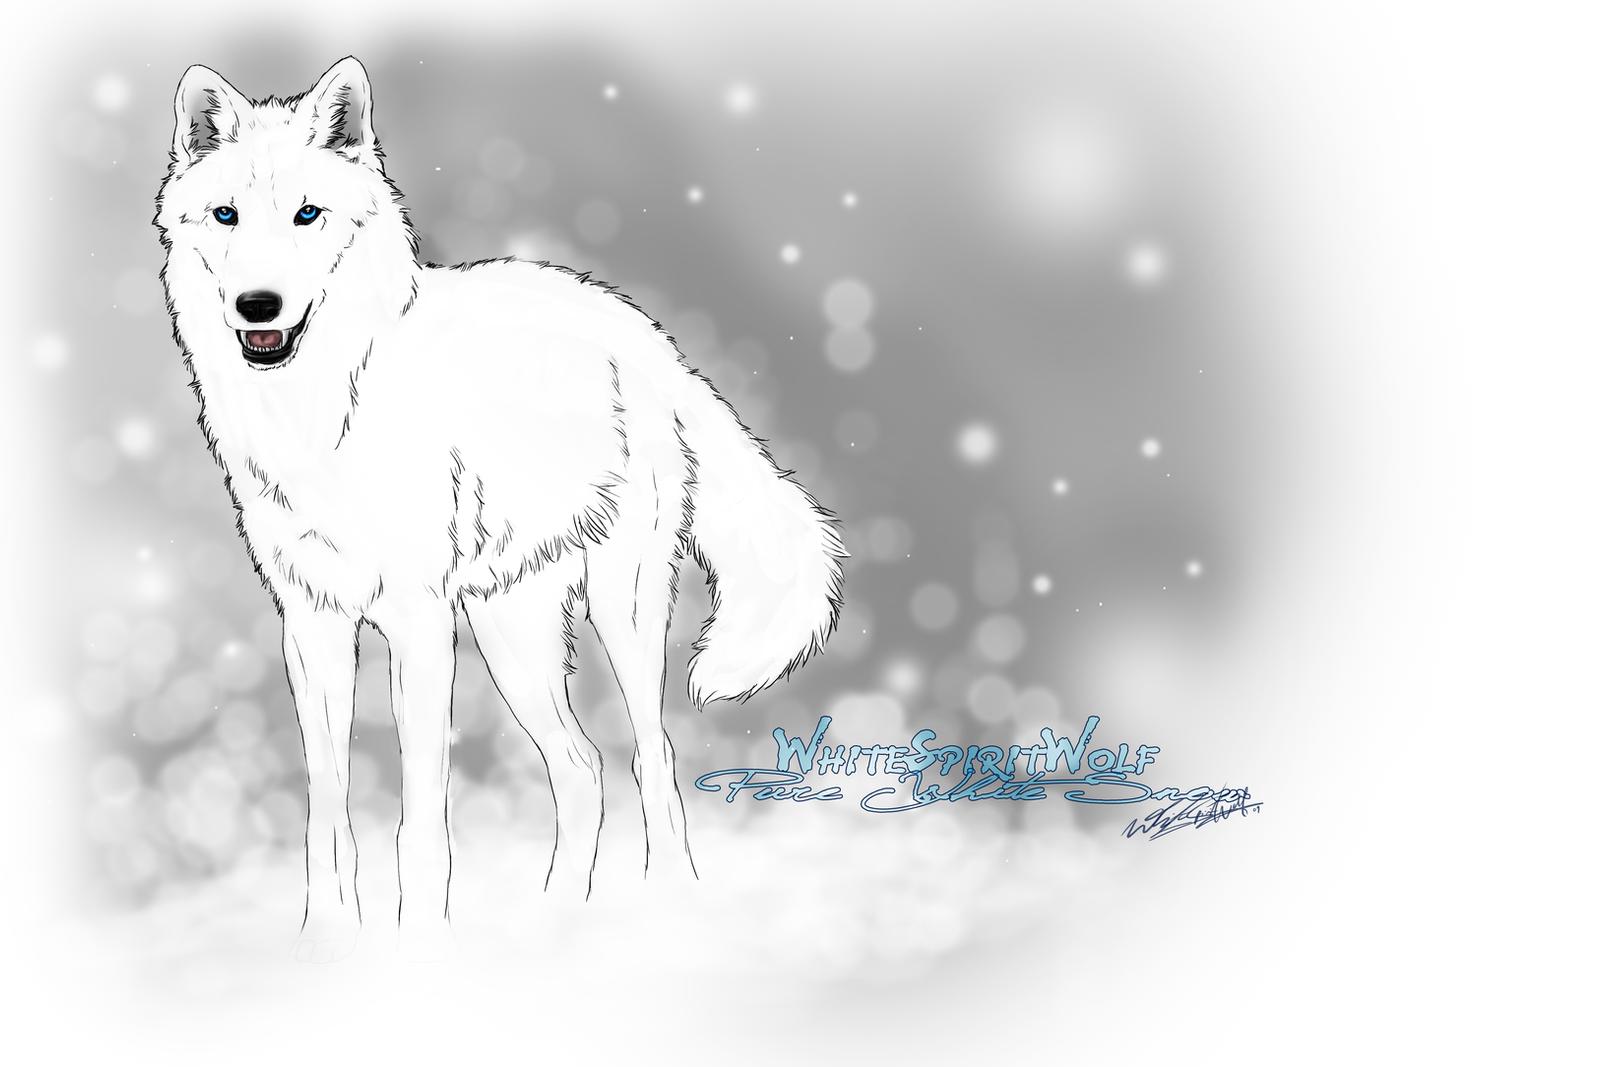 Pure white werewolf - photo#10